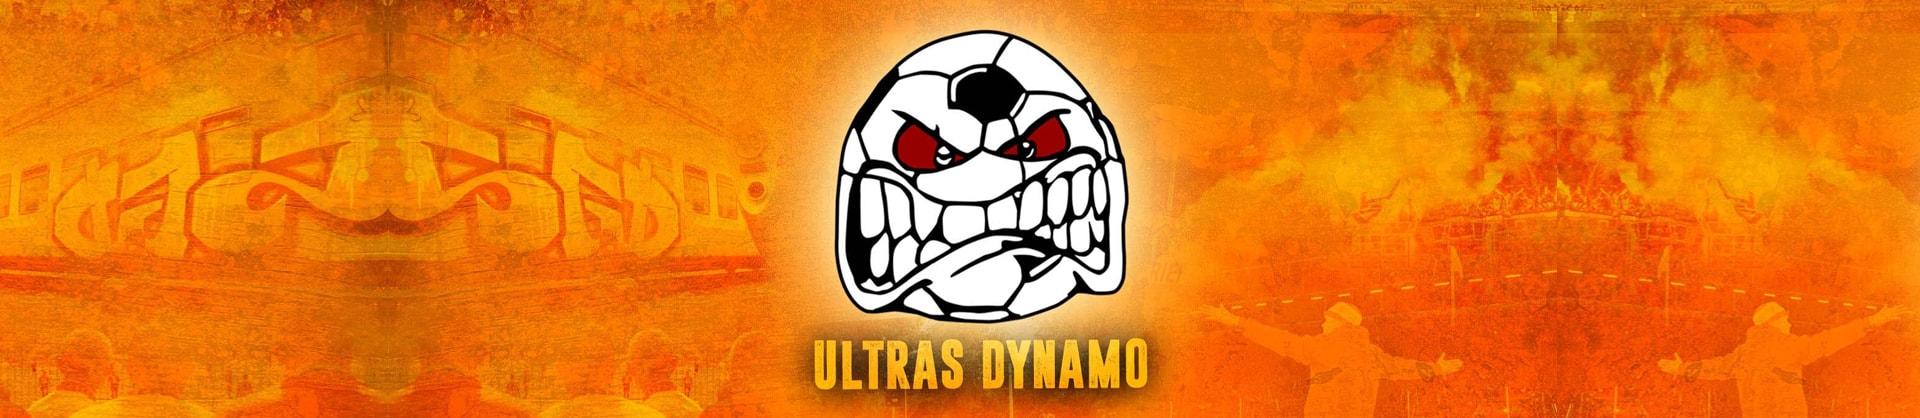 20 Jahre Ultras Dynamo: die geilsten Aktionen der Ultràgruppe